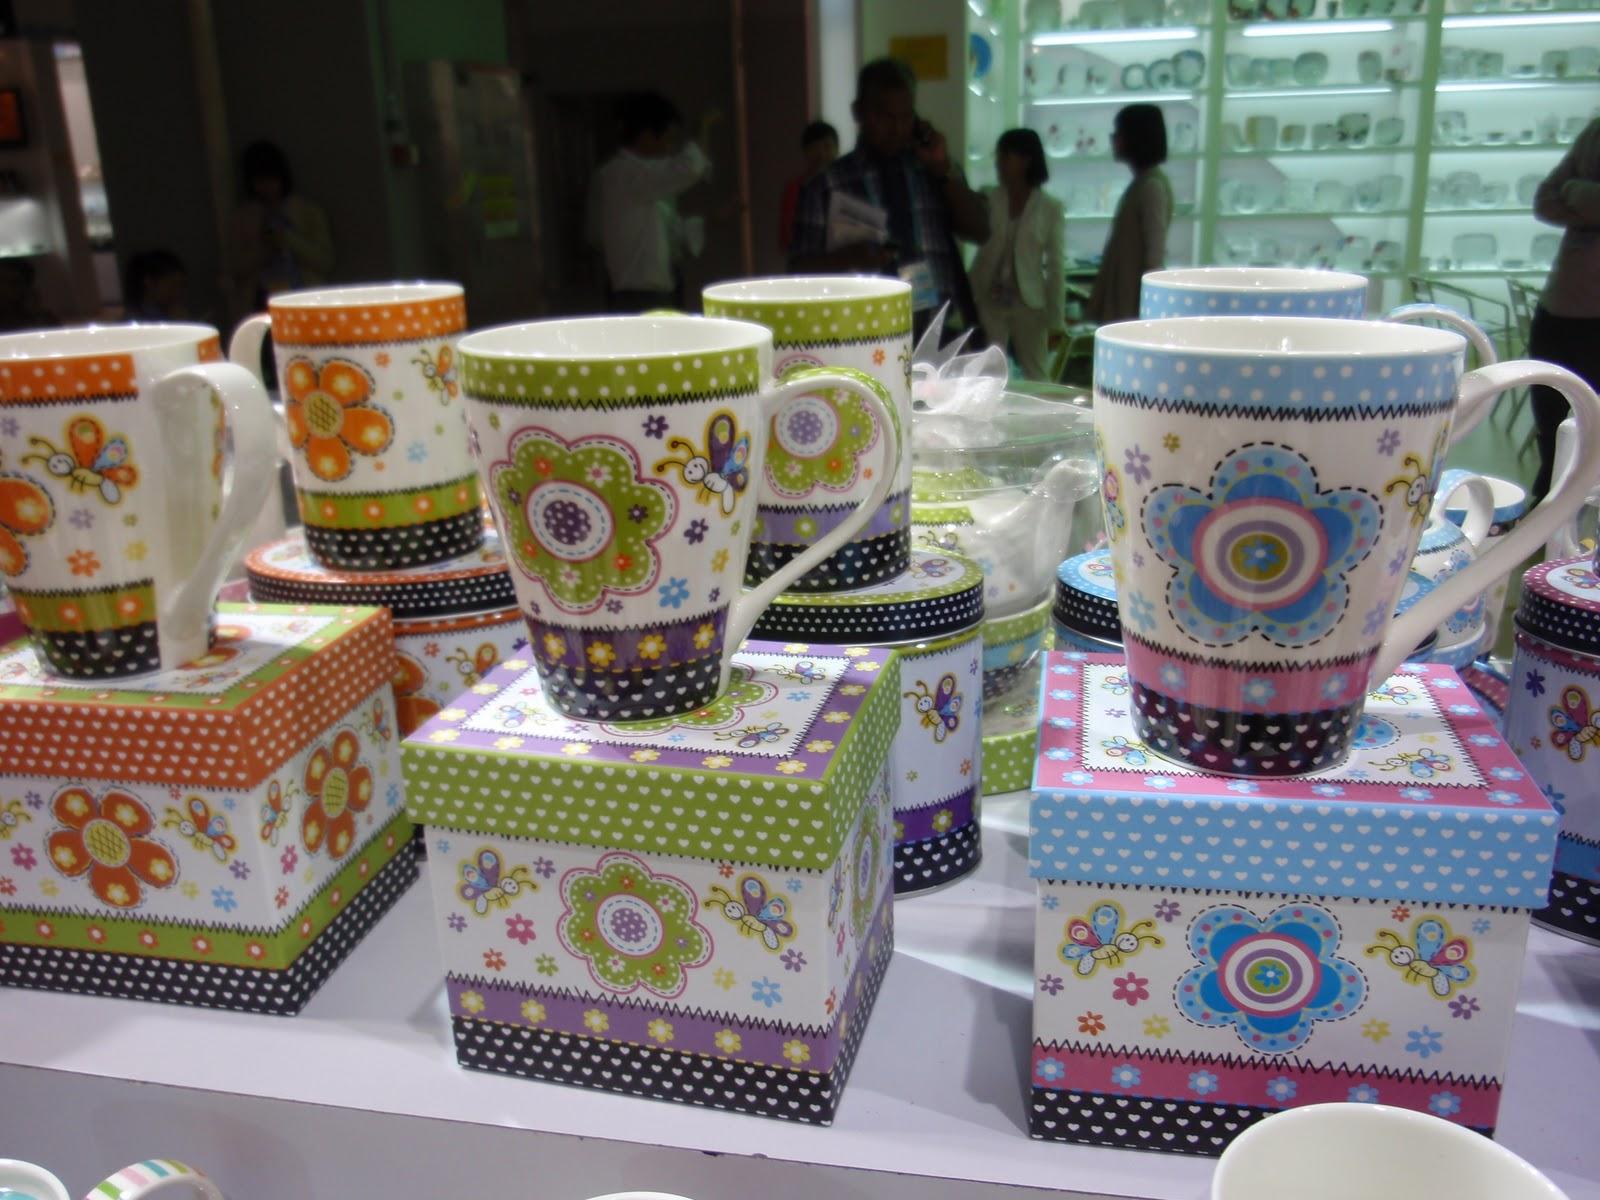 Adesivo De Cabeceira Infantil ~ Blog da Mugs Mugs com br Novembro 2011